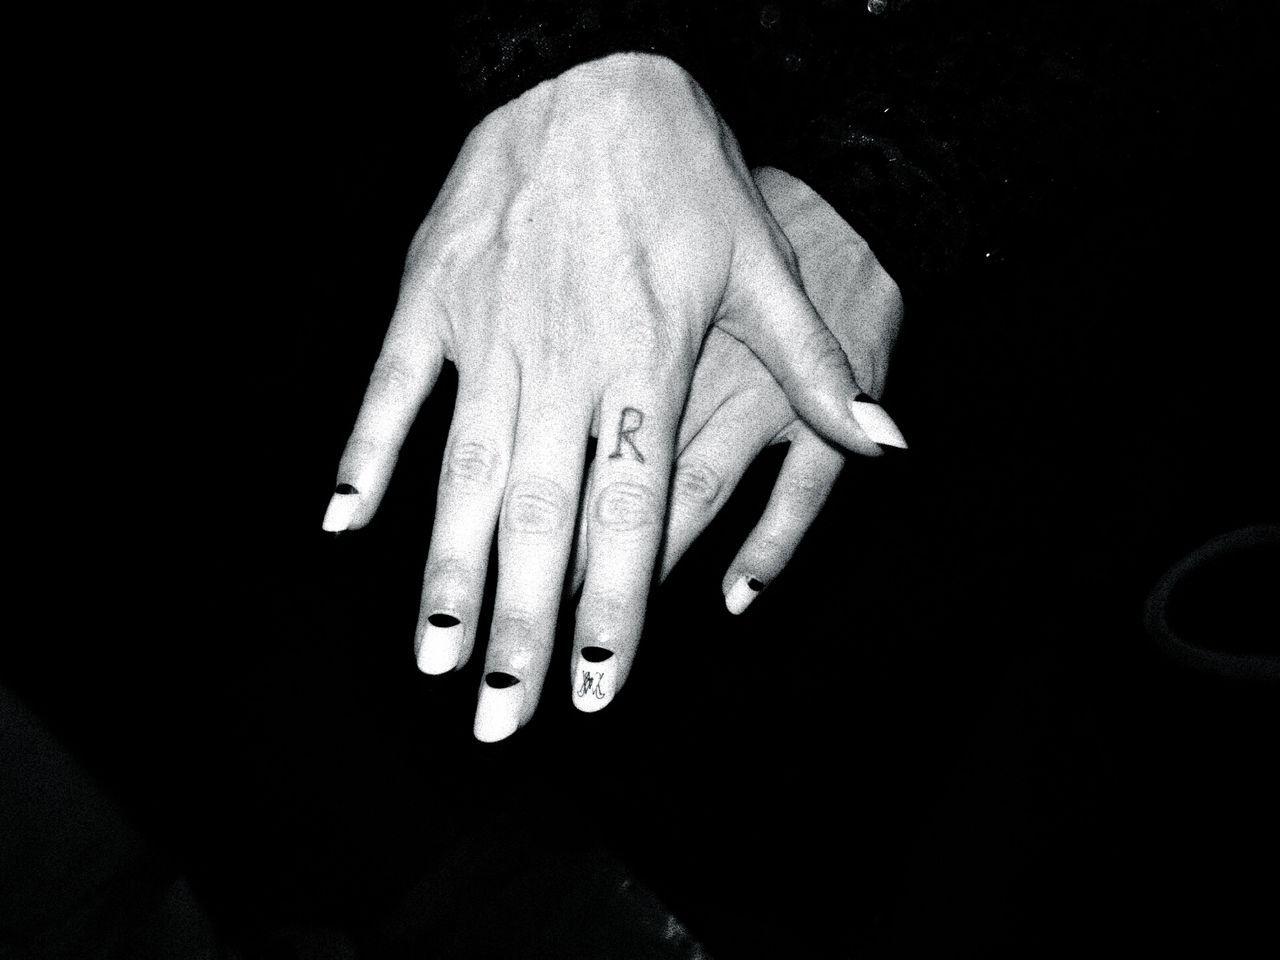 Niia's MAC x Ruffian nail art.